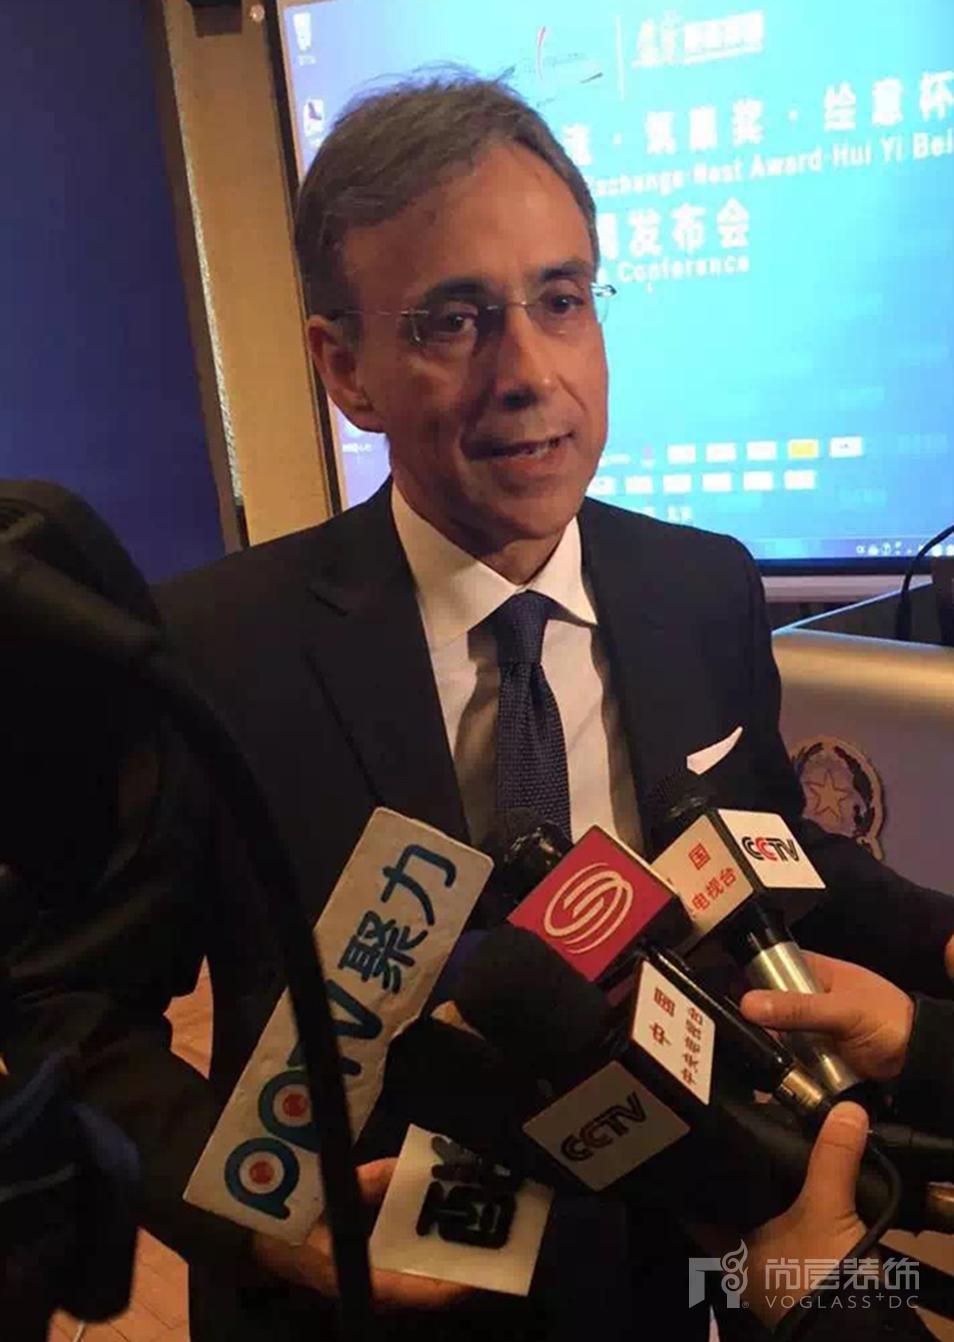 意大利驻华大使谢国谊接受媒体采访